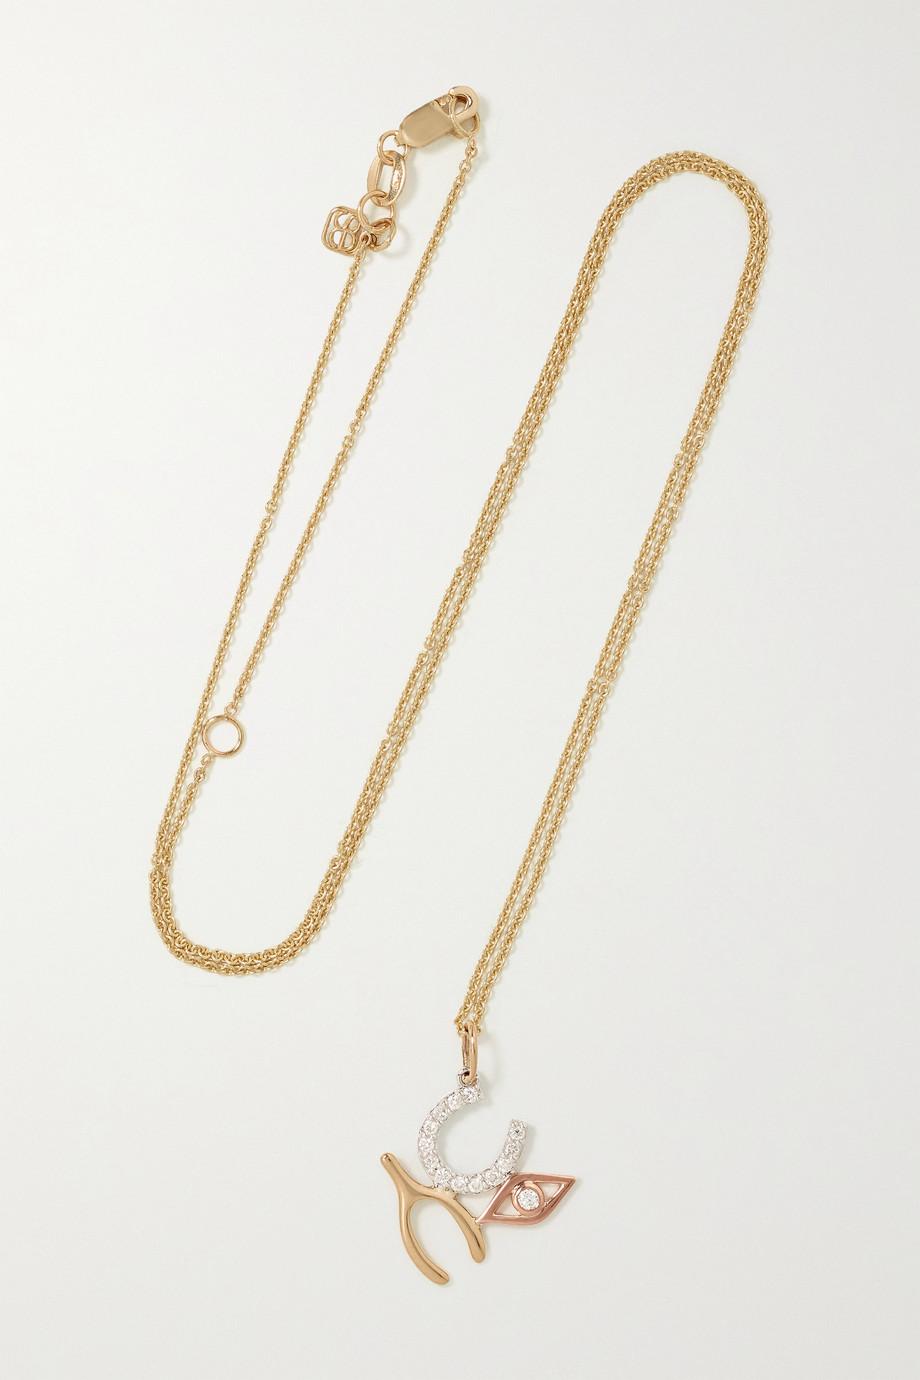 Sydney Evan Collier en or jaune, blanc et rose 14 carats et diamants Luck and Protection